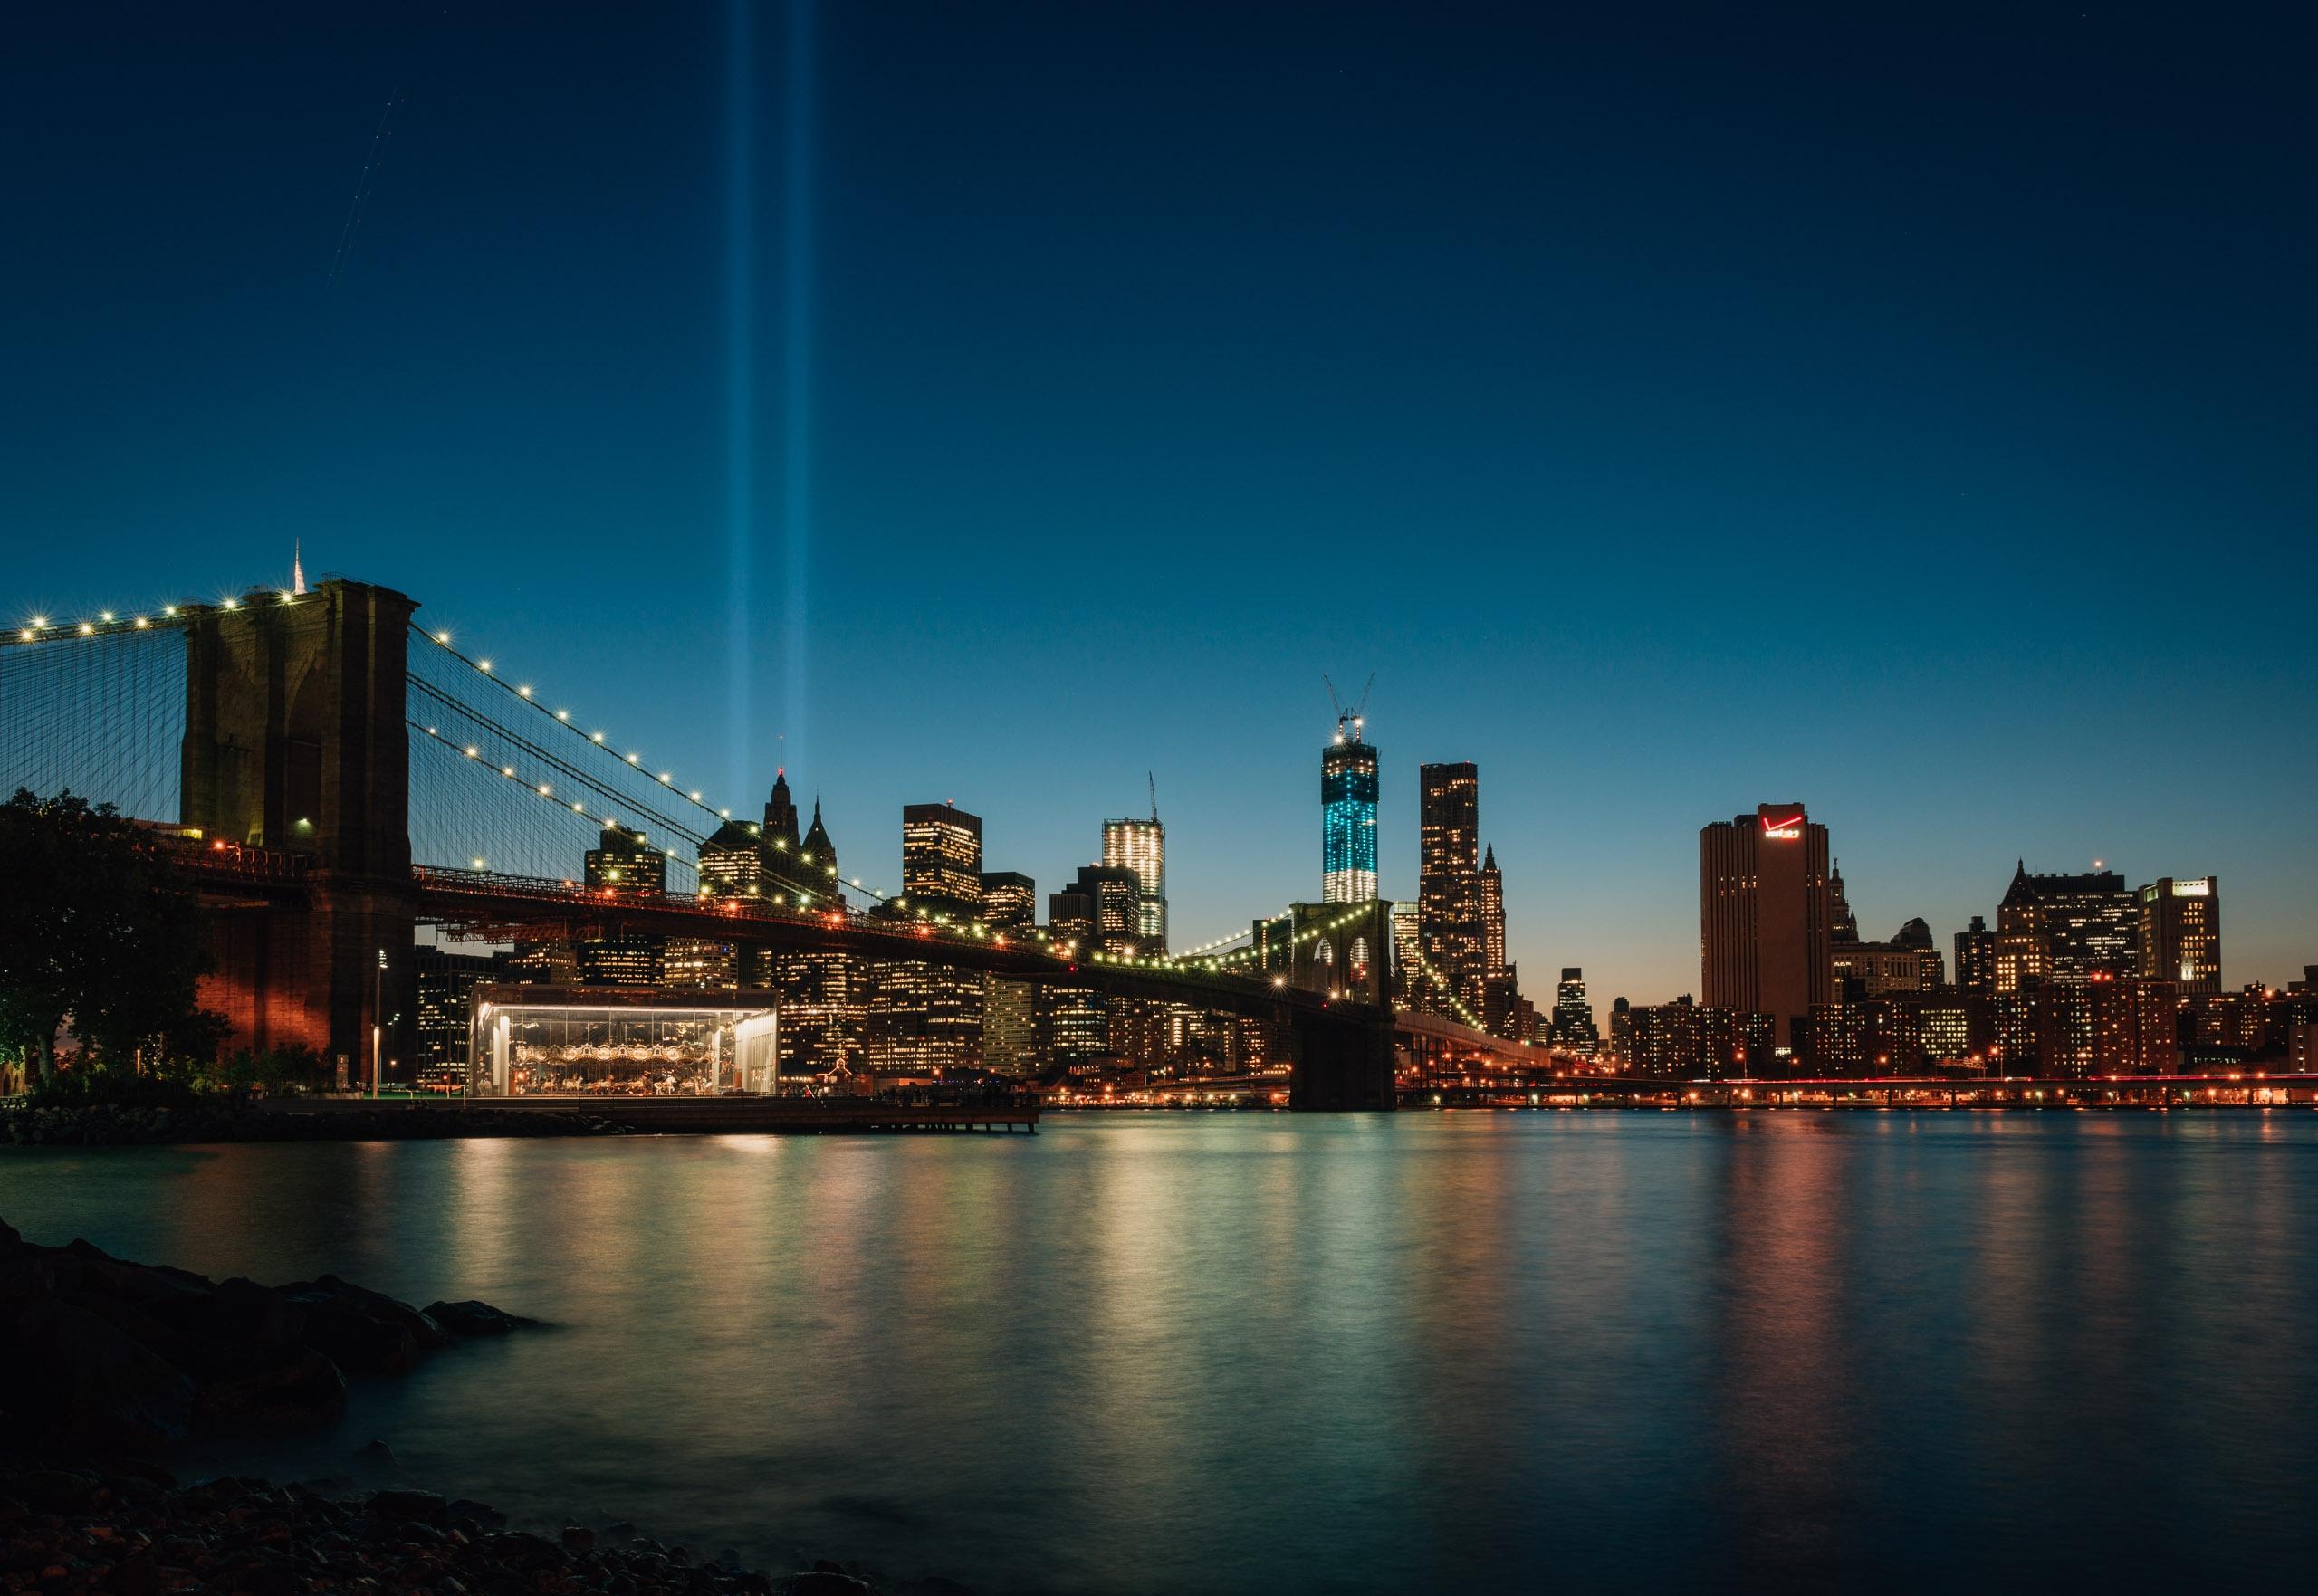 September 11 Tribute in Light - 2012-0911-DSC_1004